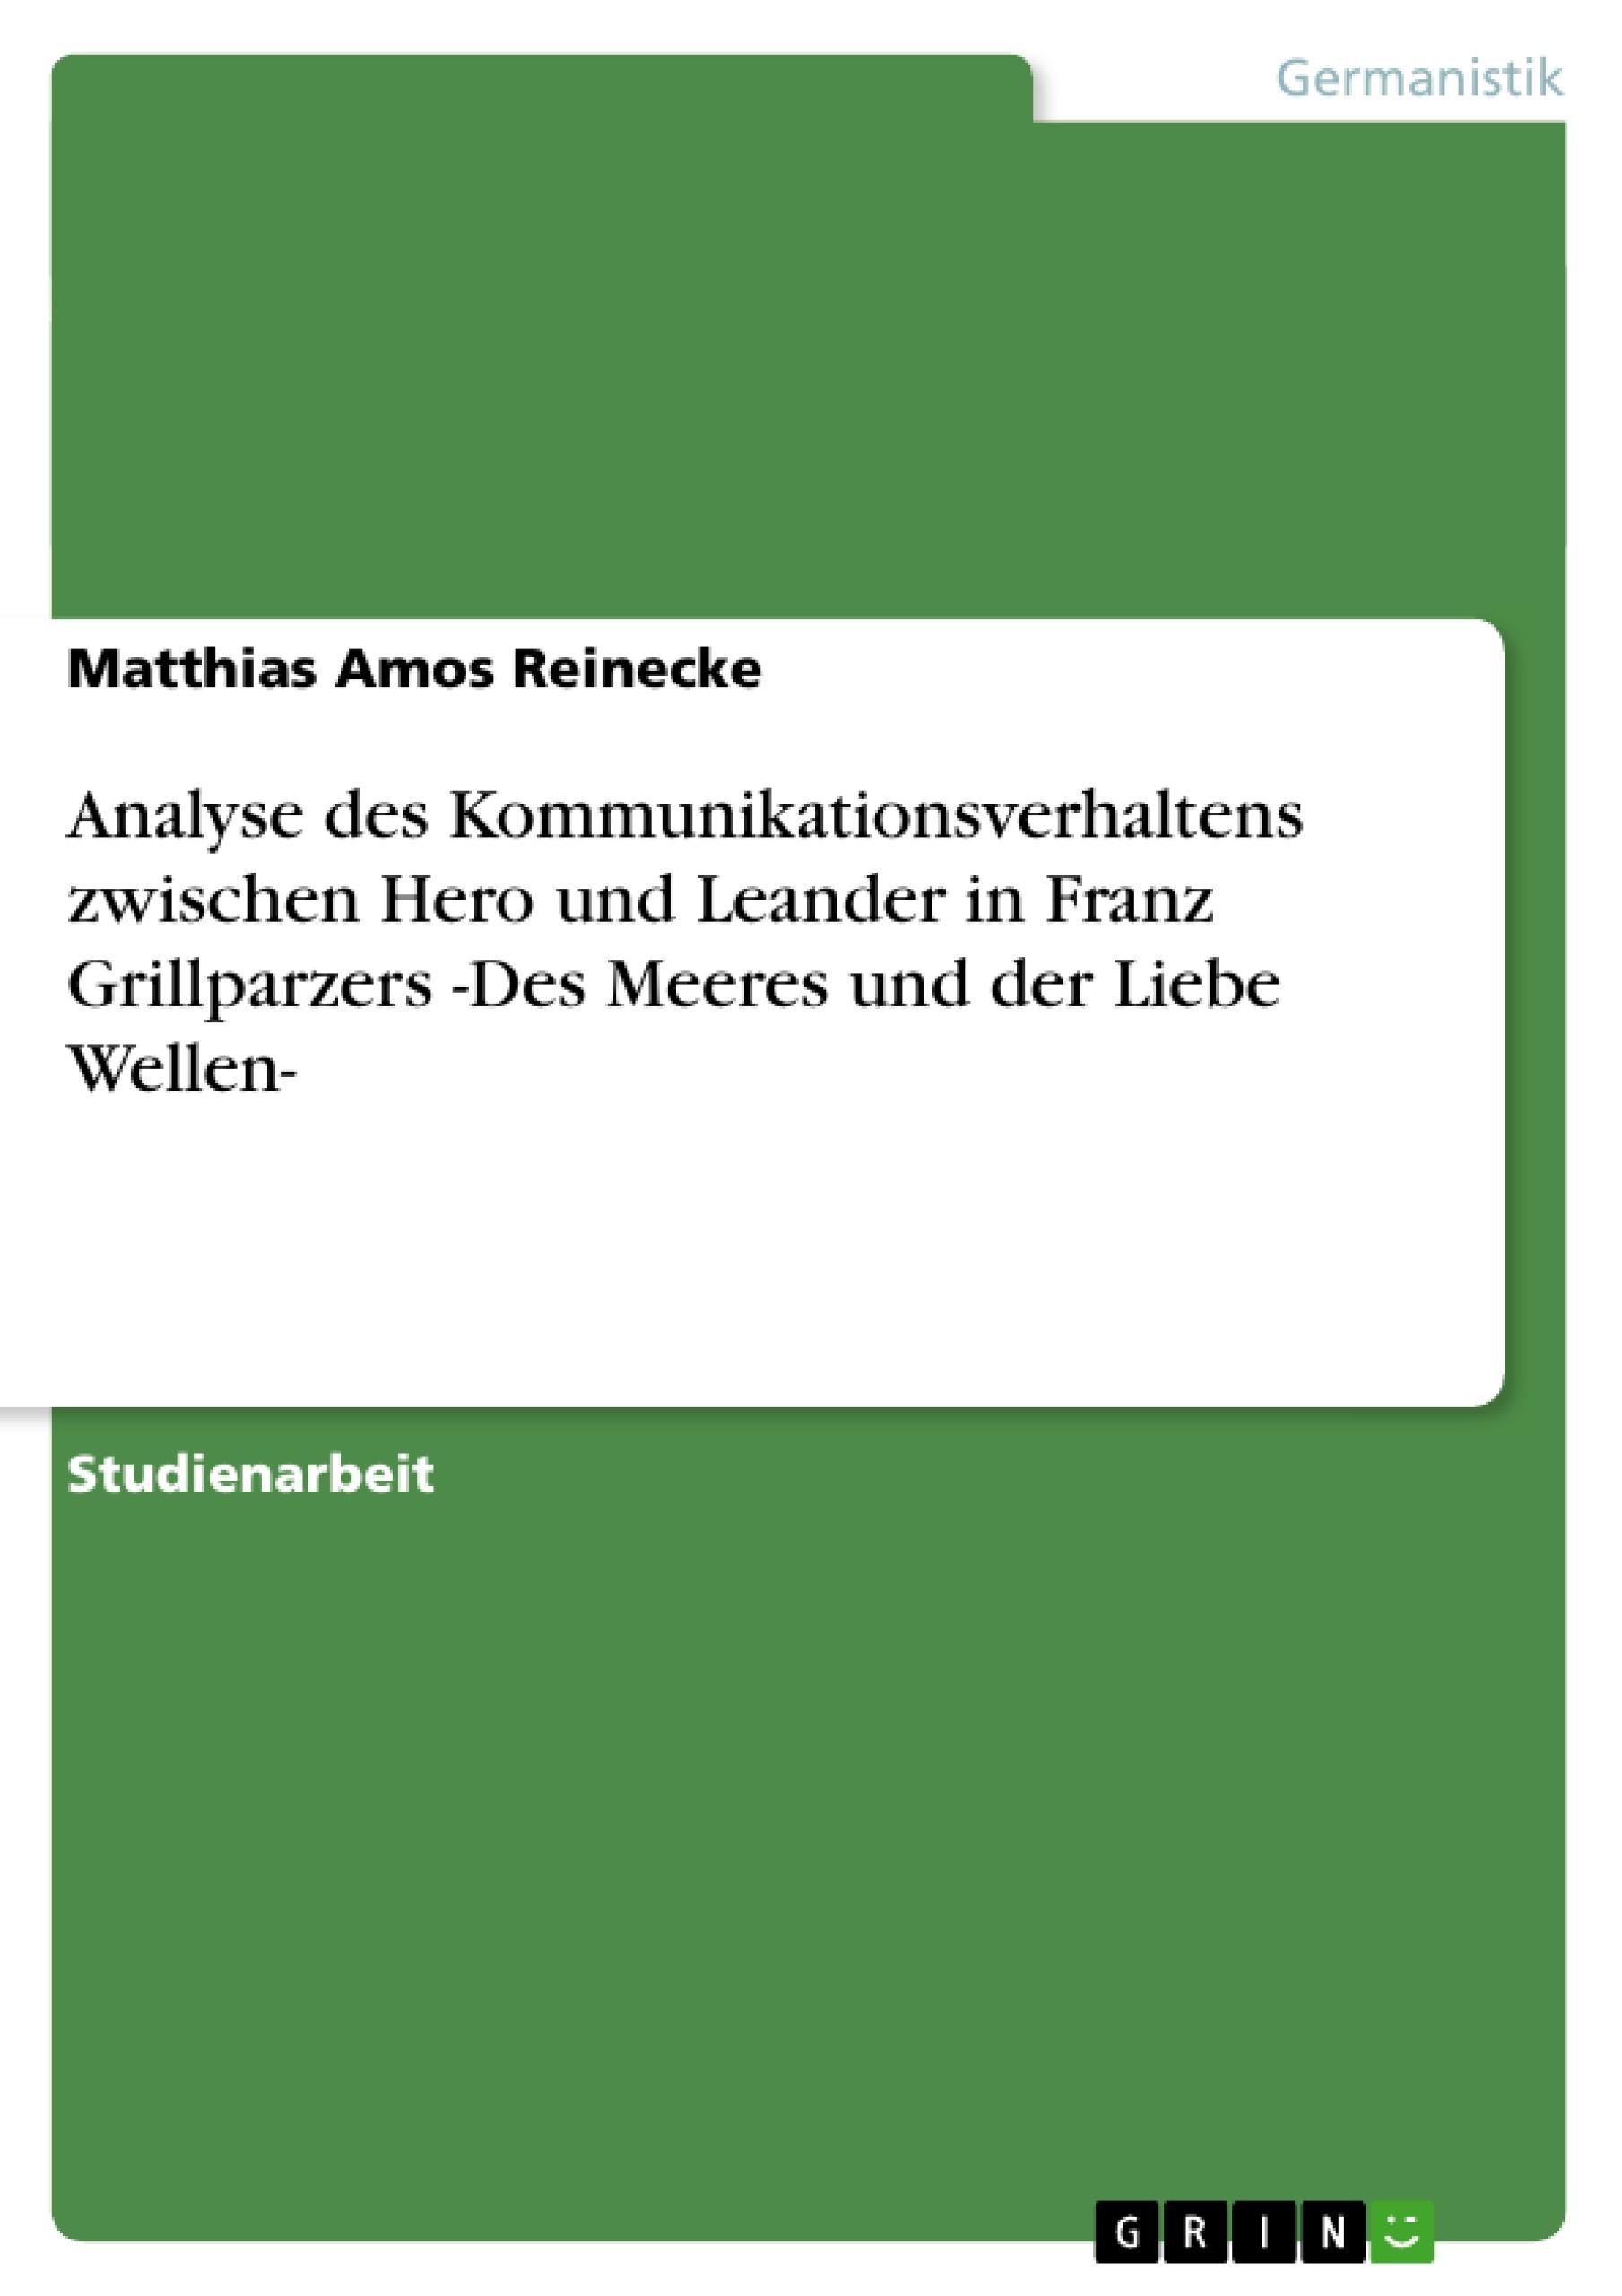 Titel: Analyse des Kommunikationsverhaltens zwischen Hero und Leander in Franz Grillparzers -Des Meeres und der Liebe Wellen-